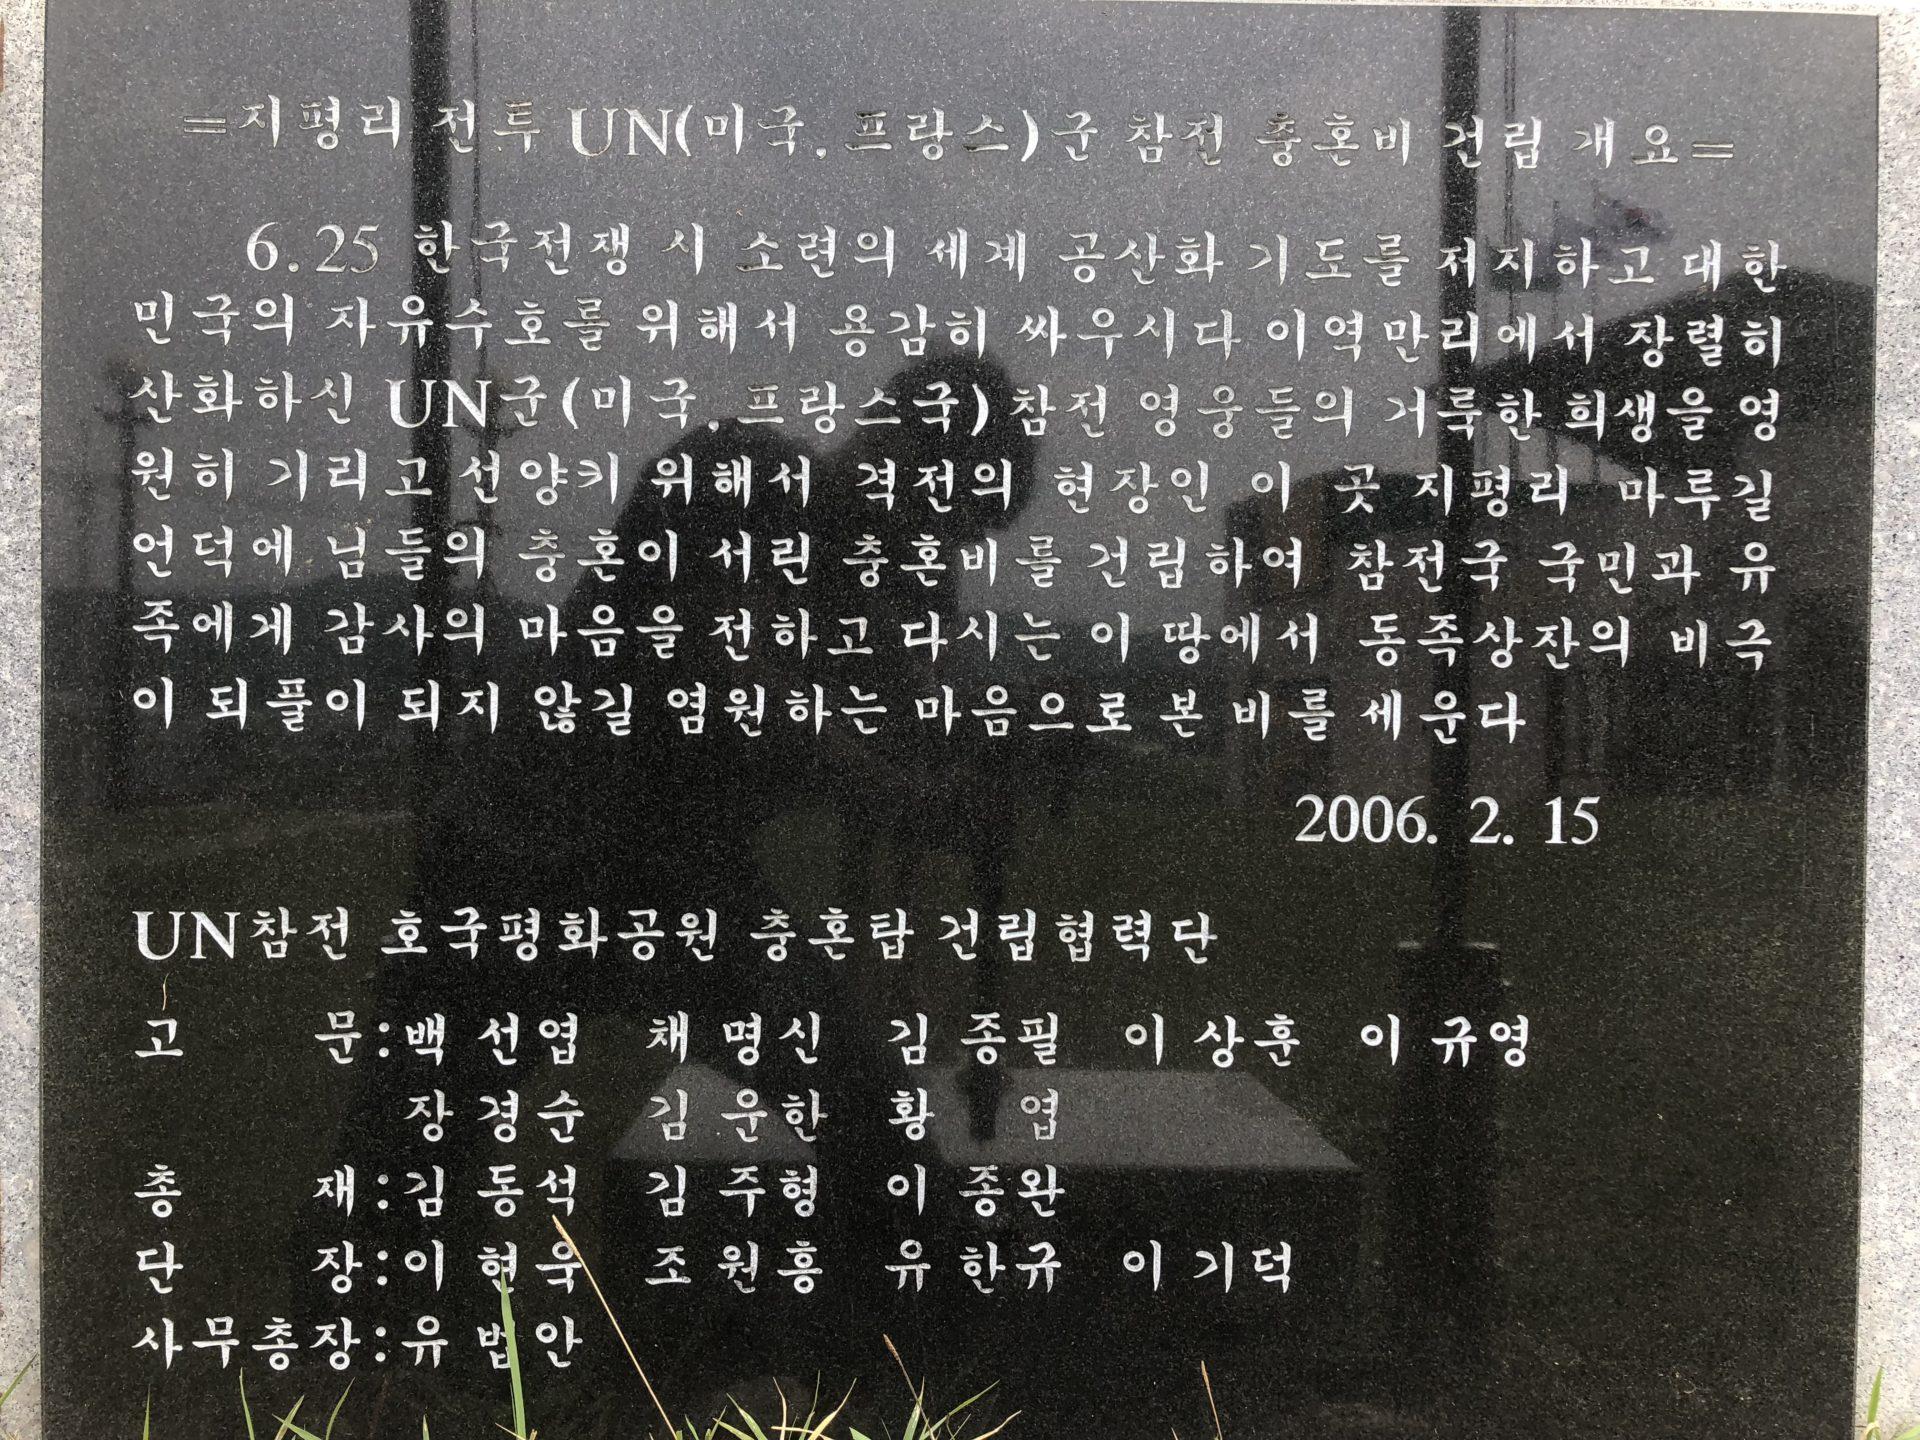 Korean War Memorials - 382-1 Jipyeong-ri